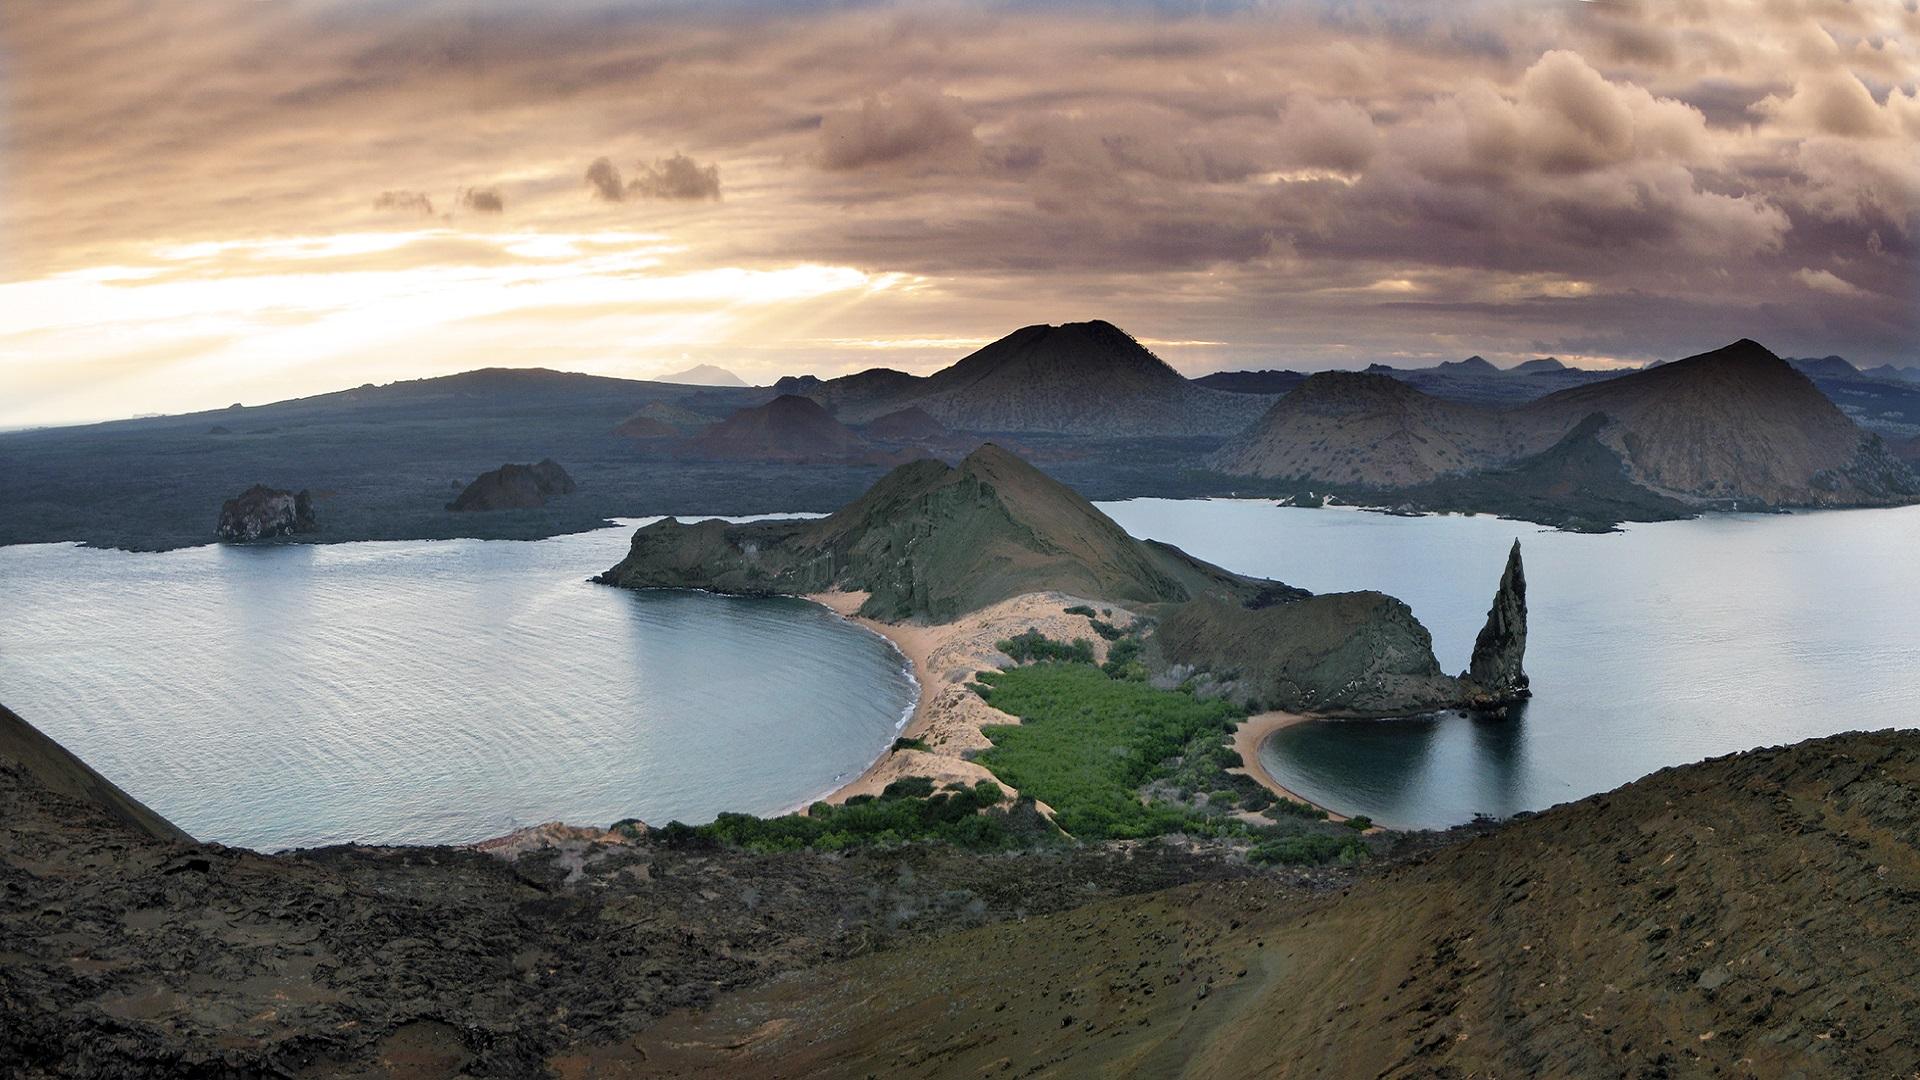 Galapagos, Bartolome, Ecuador